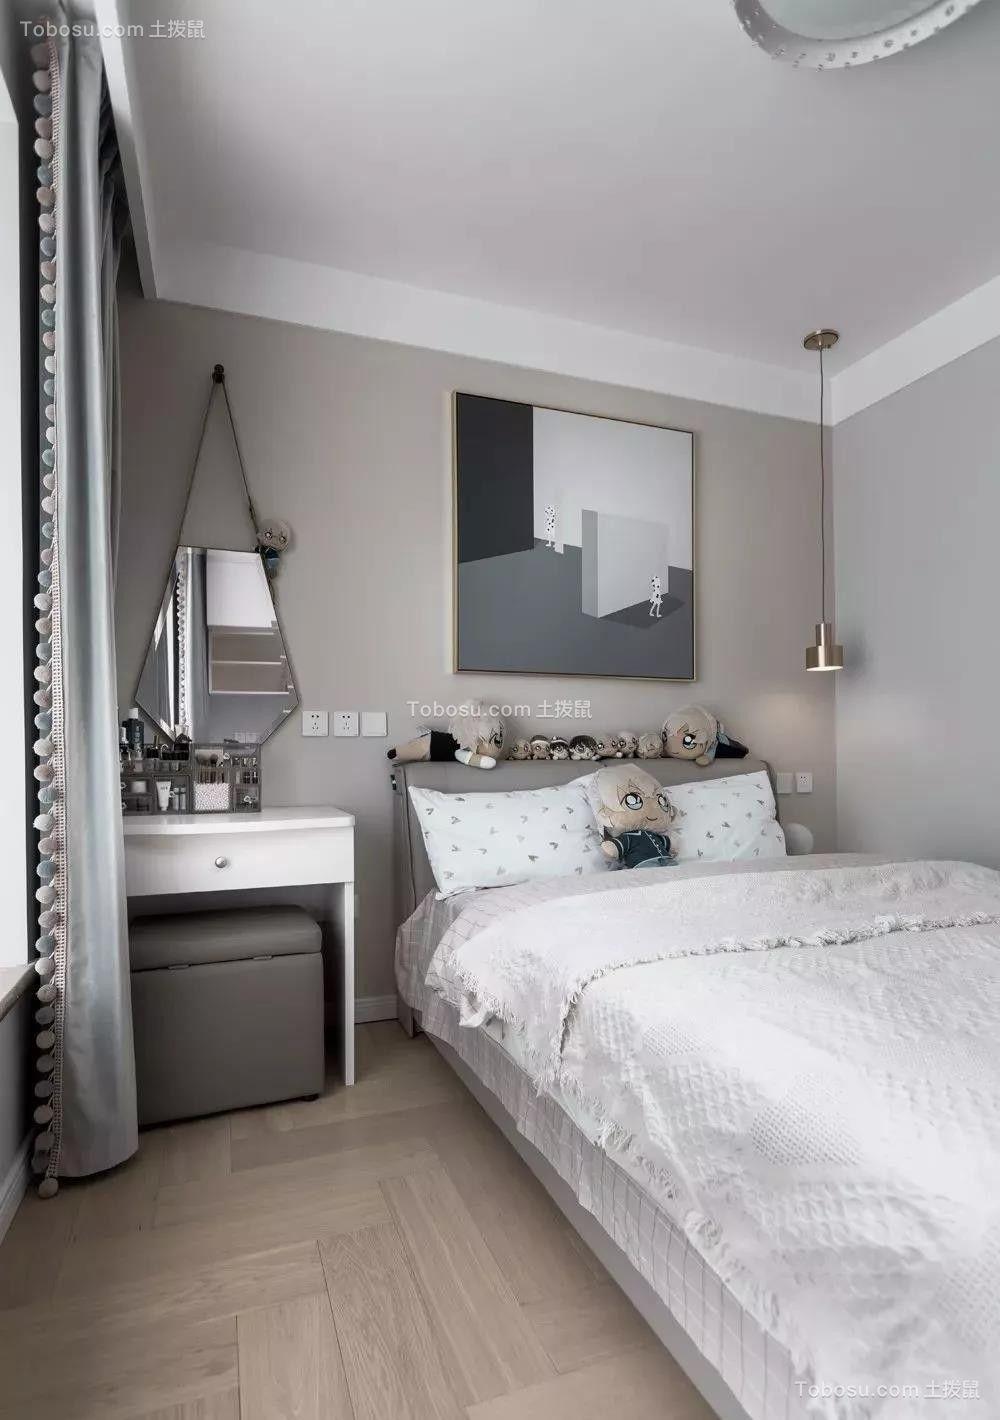 135平米老土装房变身轻奢质感简居,最爱那性冷淡黑白灰的绿色!